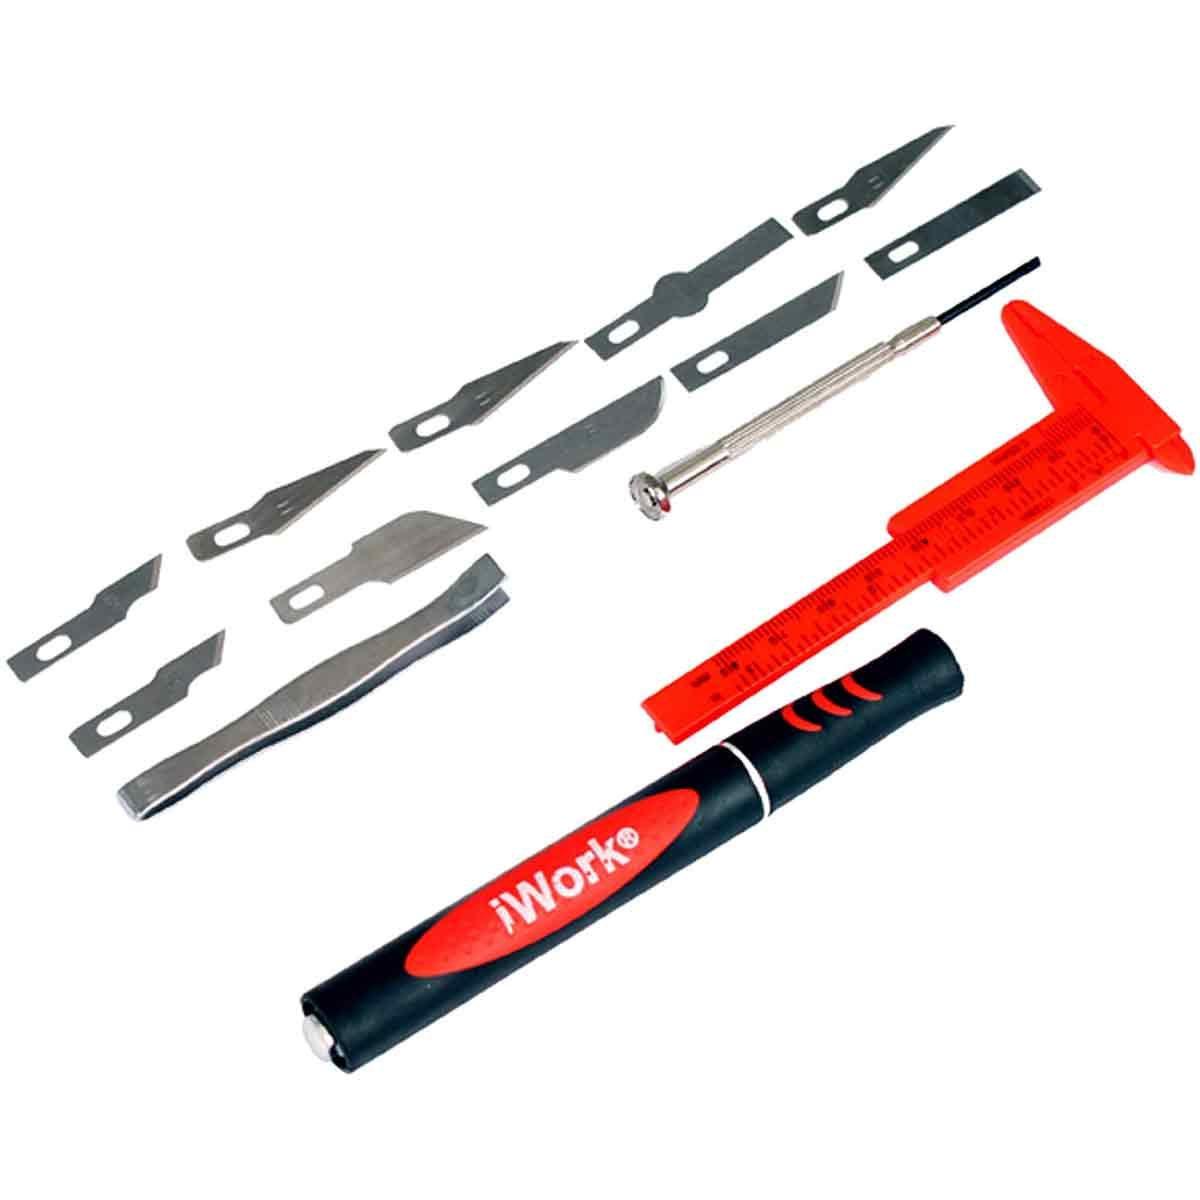 Olympia-Tools-Hobby-Knife-Set